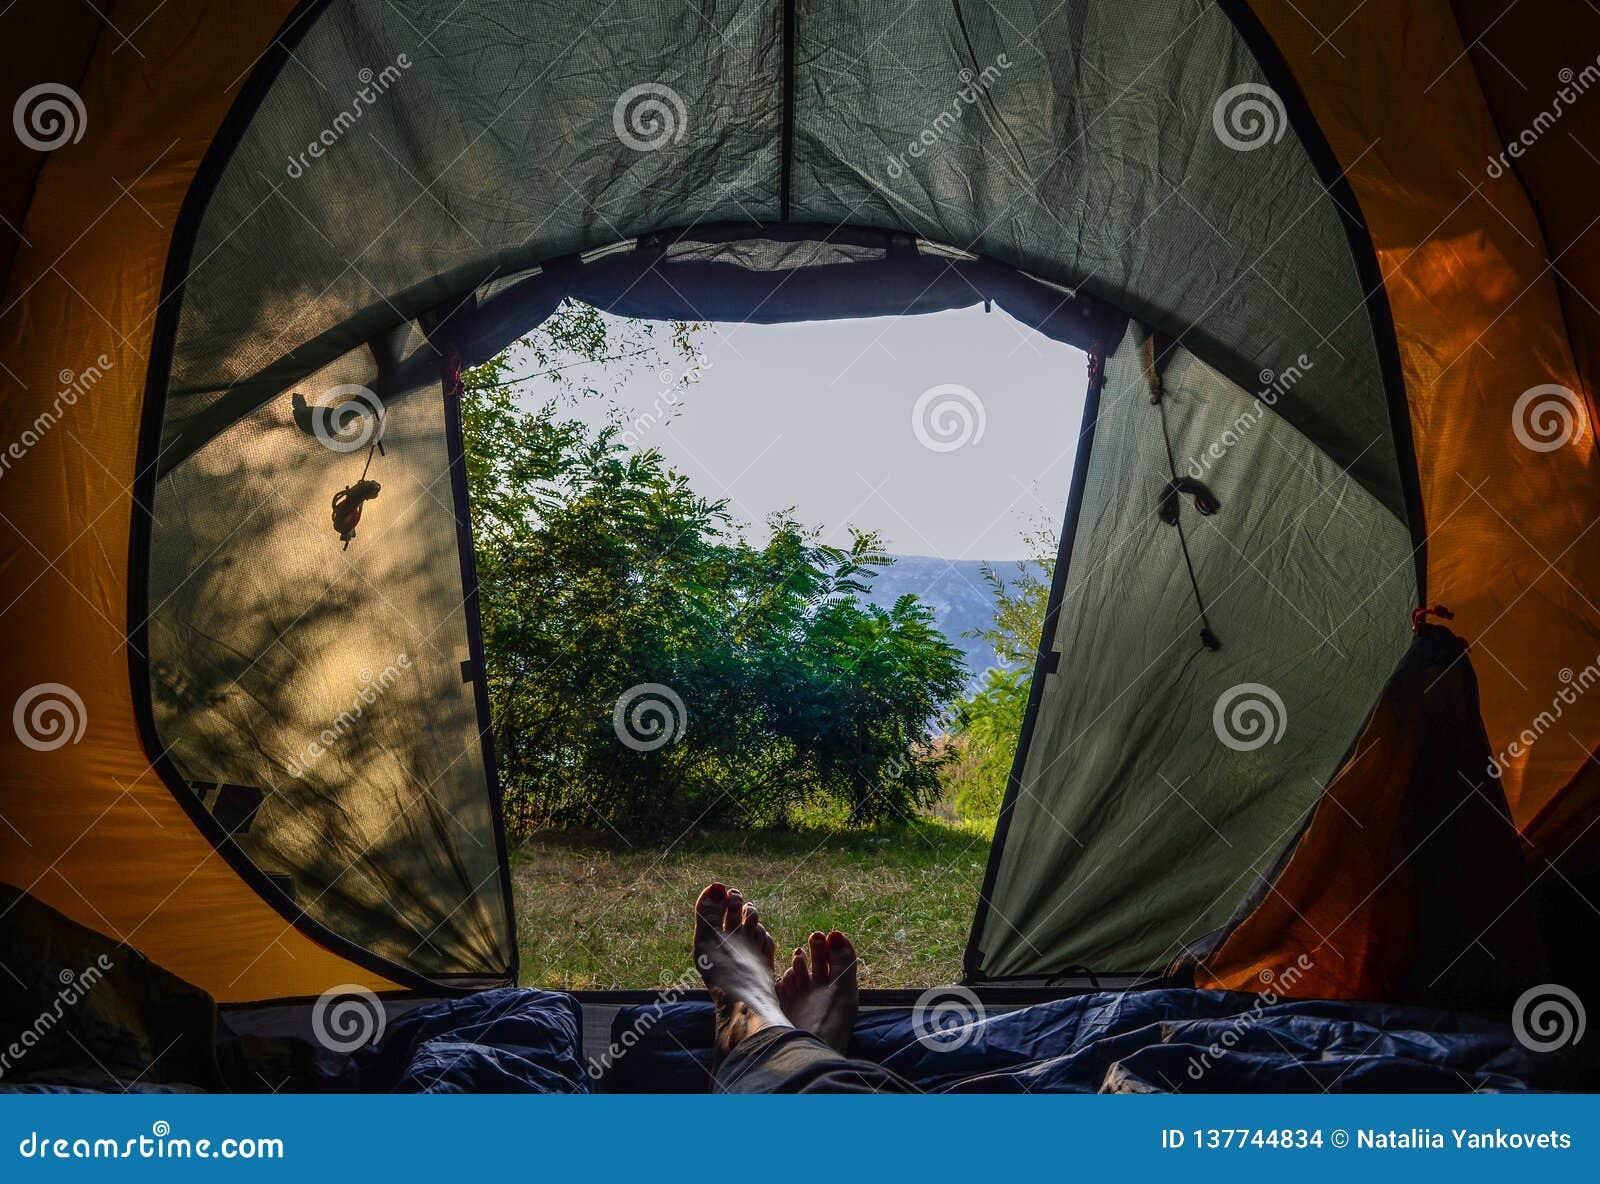 野营 在帐篷的早晨 在一个绿色帐篷的女性腿